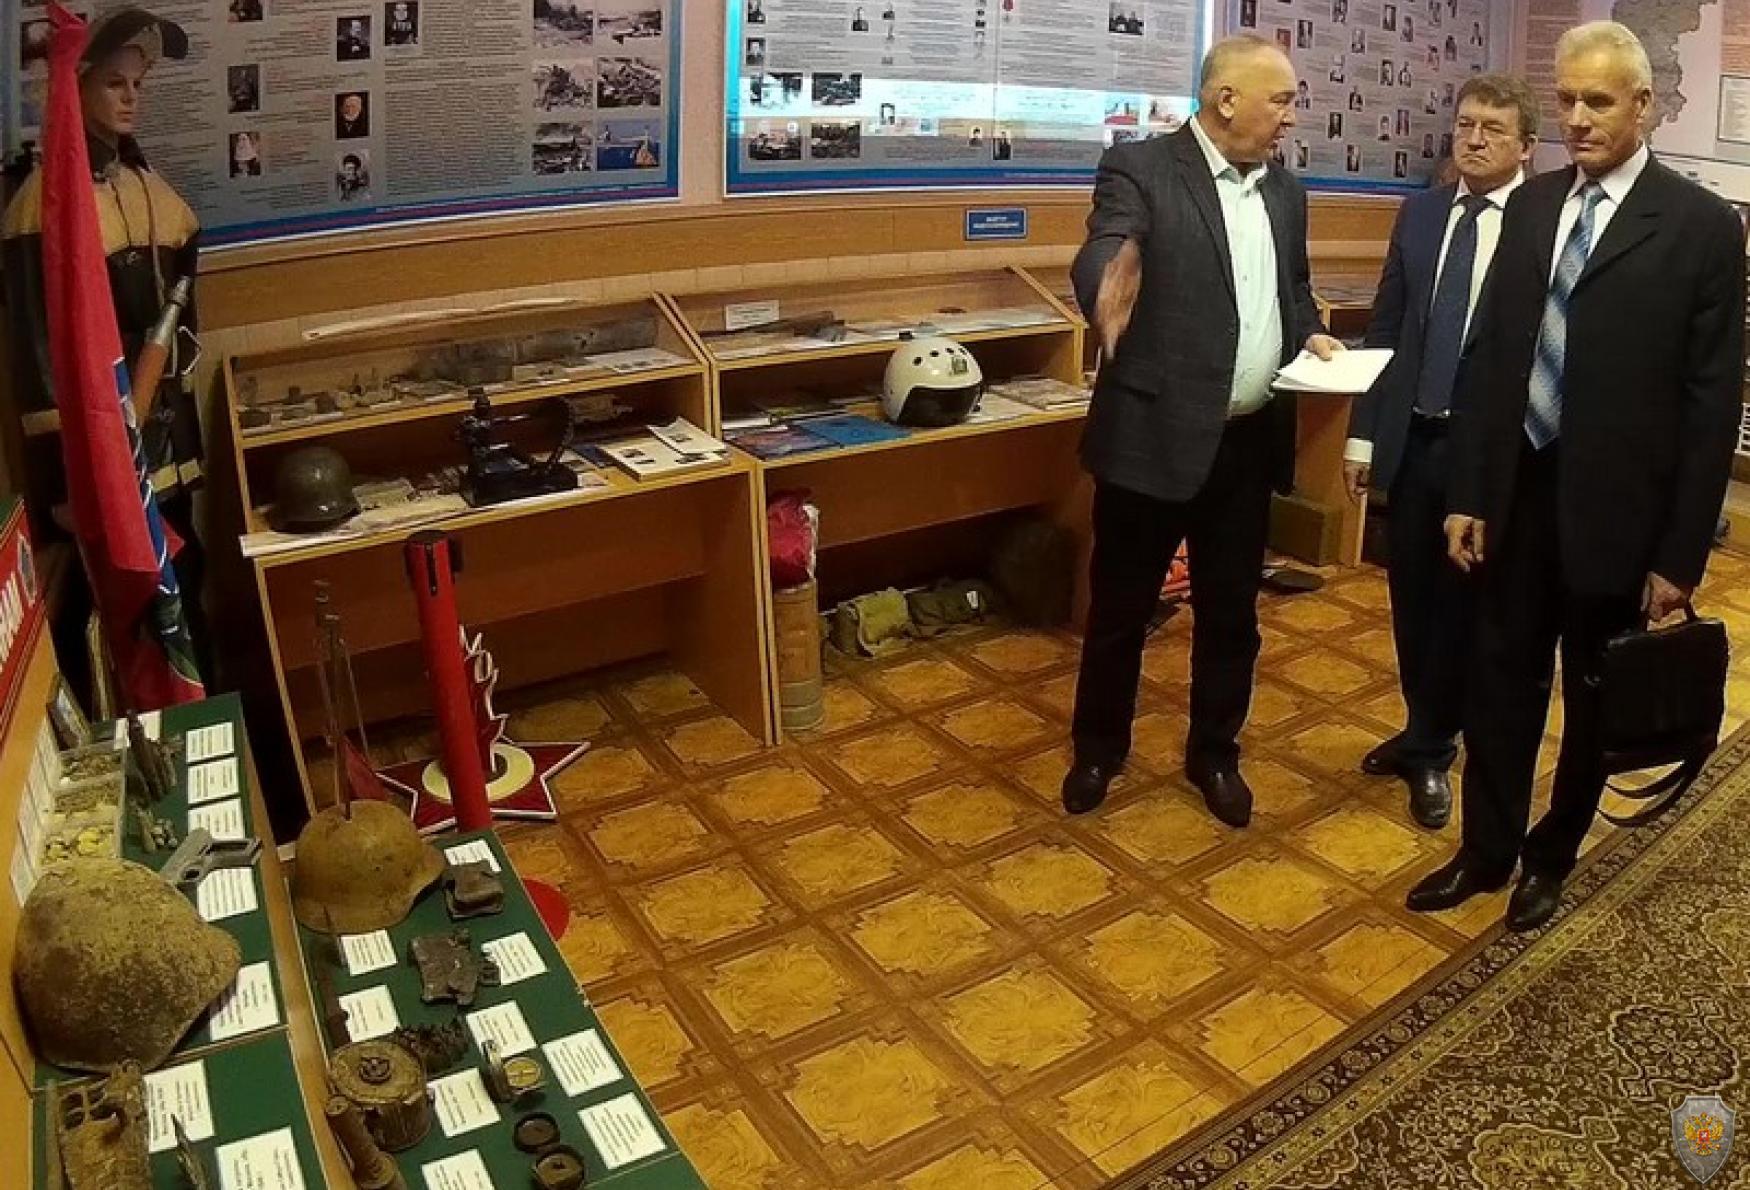 Участники конференции осматривают экспозицию музея МПВО - ГО - РСЧС по истории развития системы гражданской обороны.